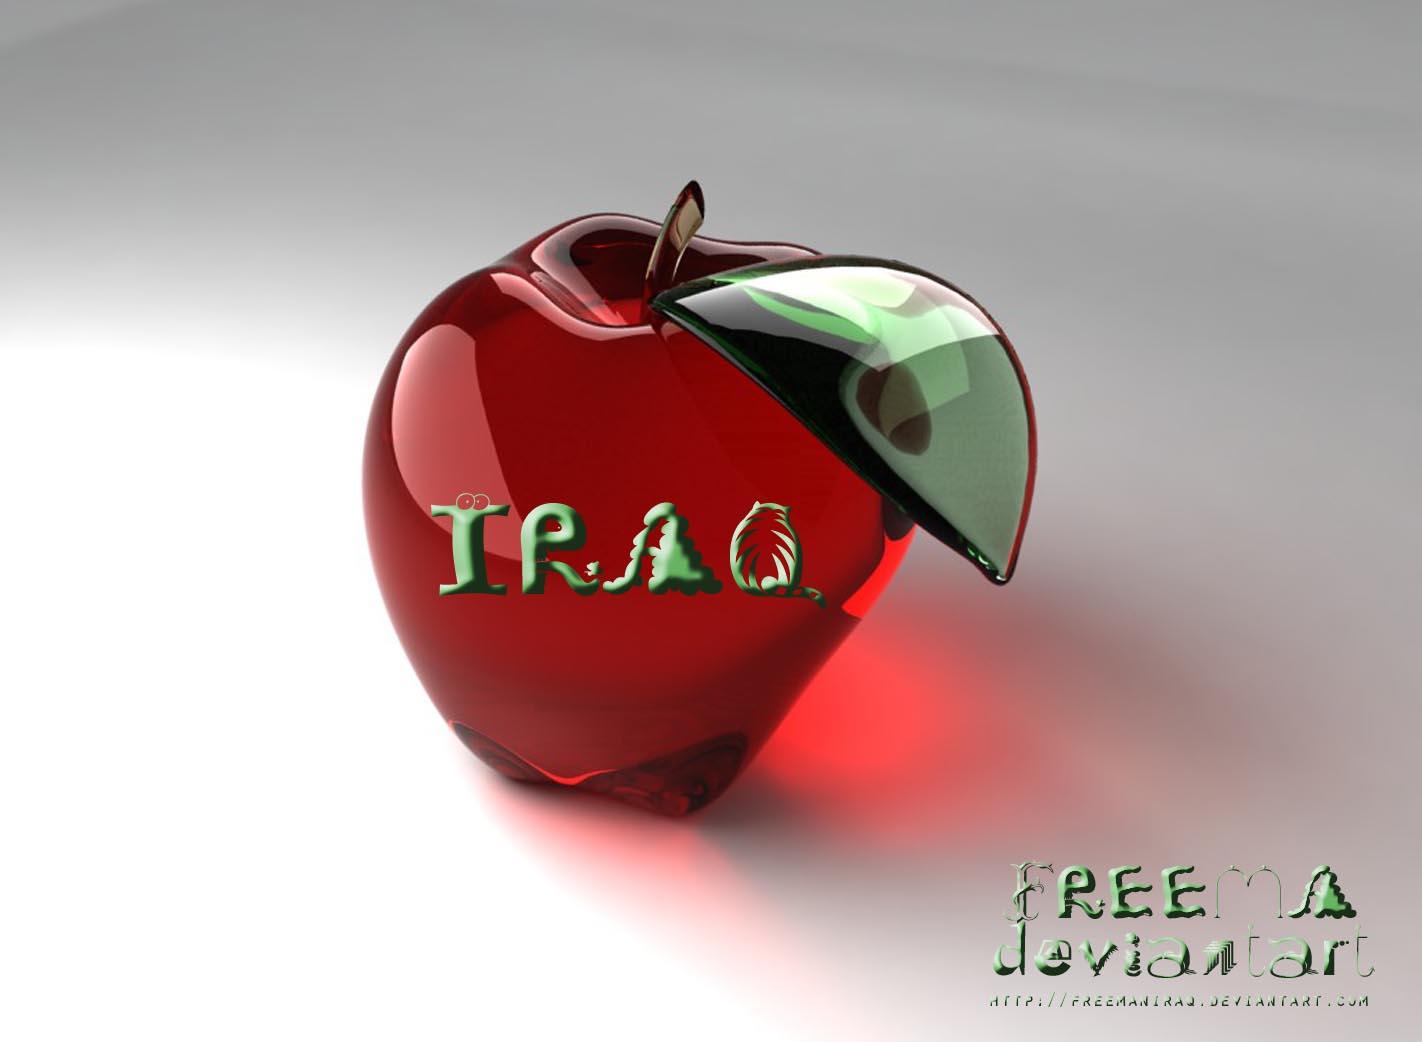 Iraq Apple by freemaniraq